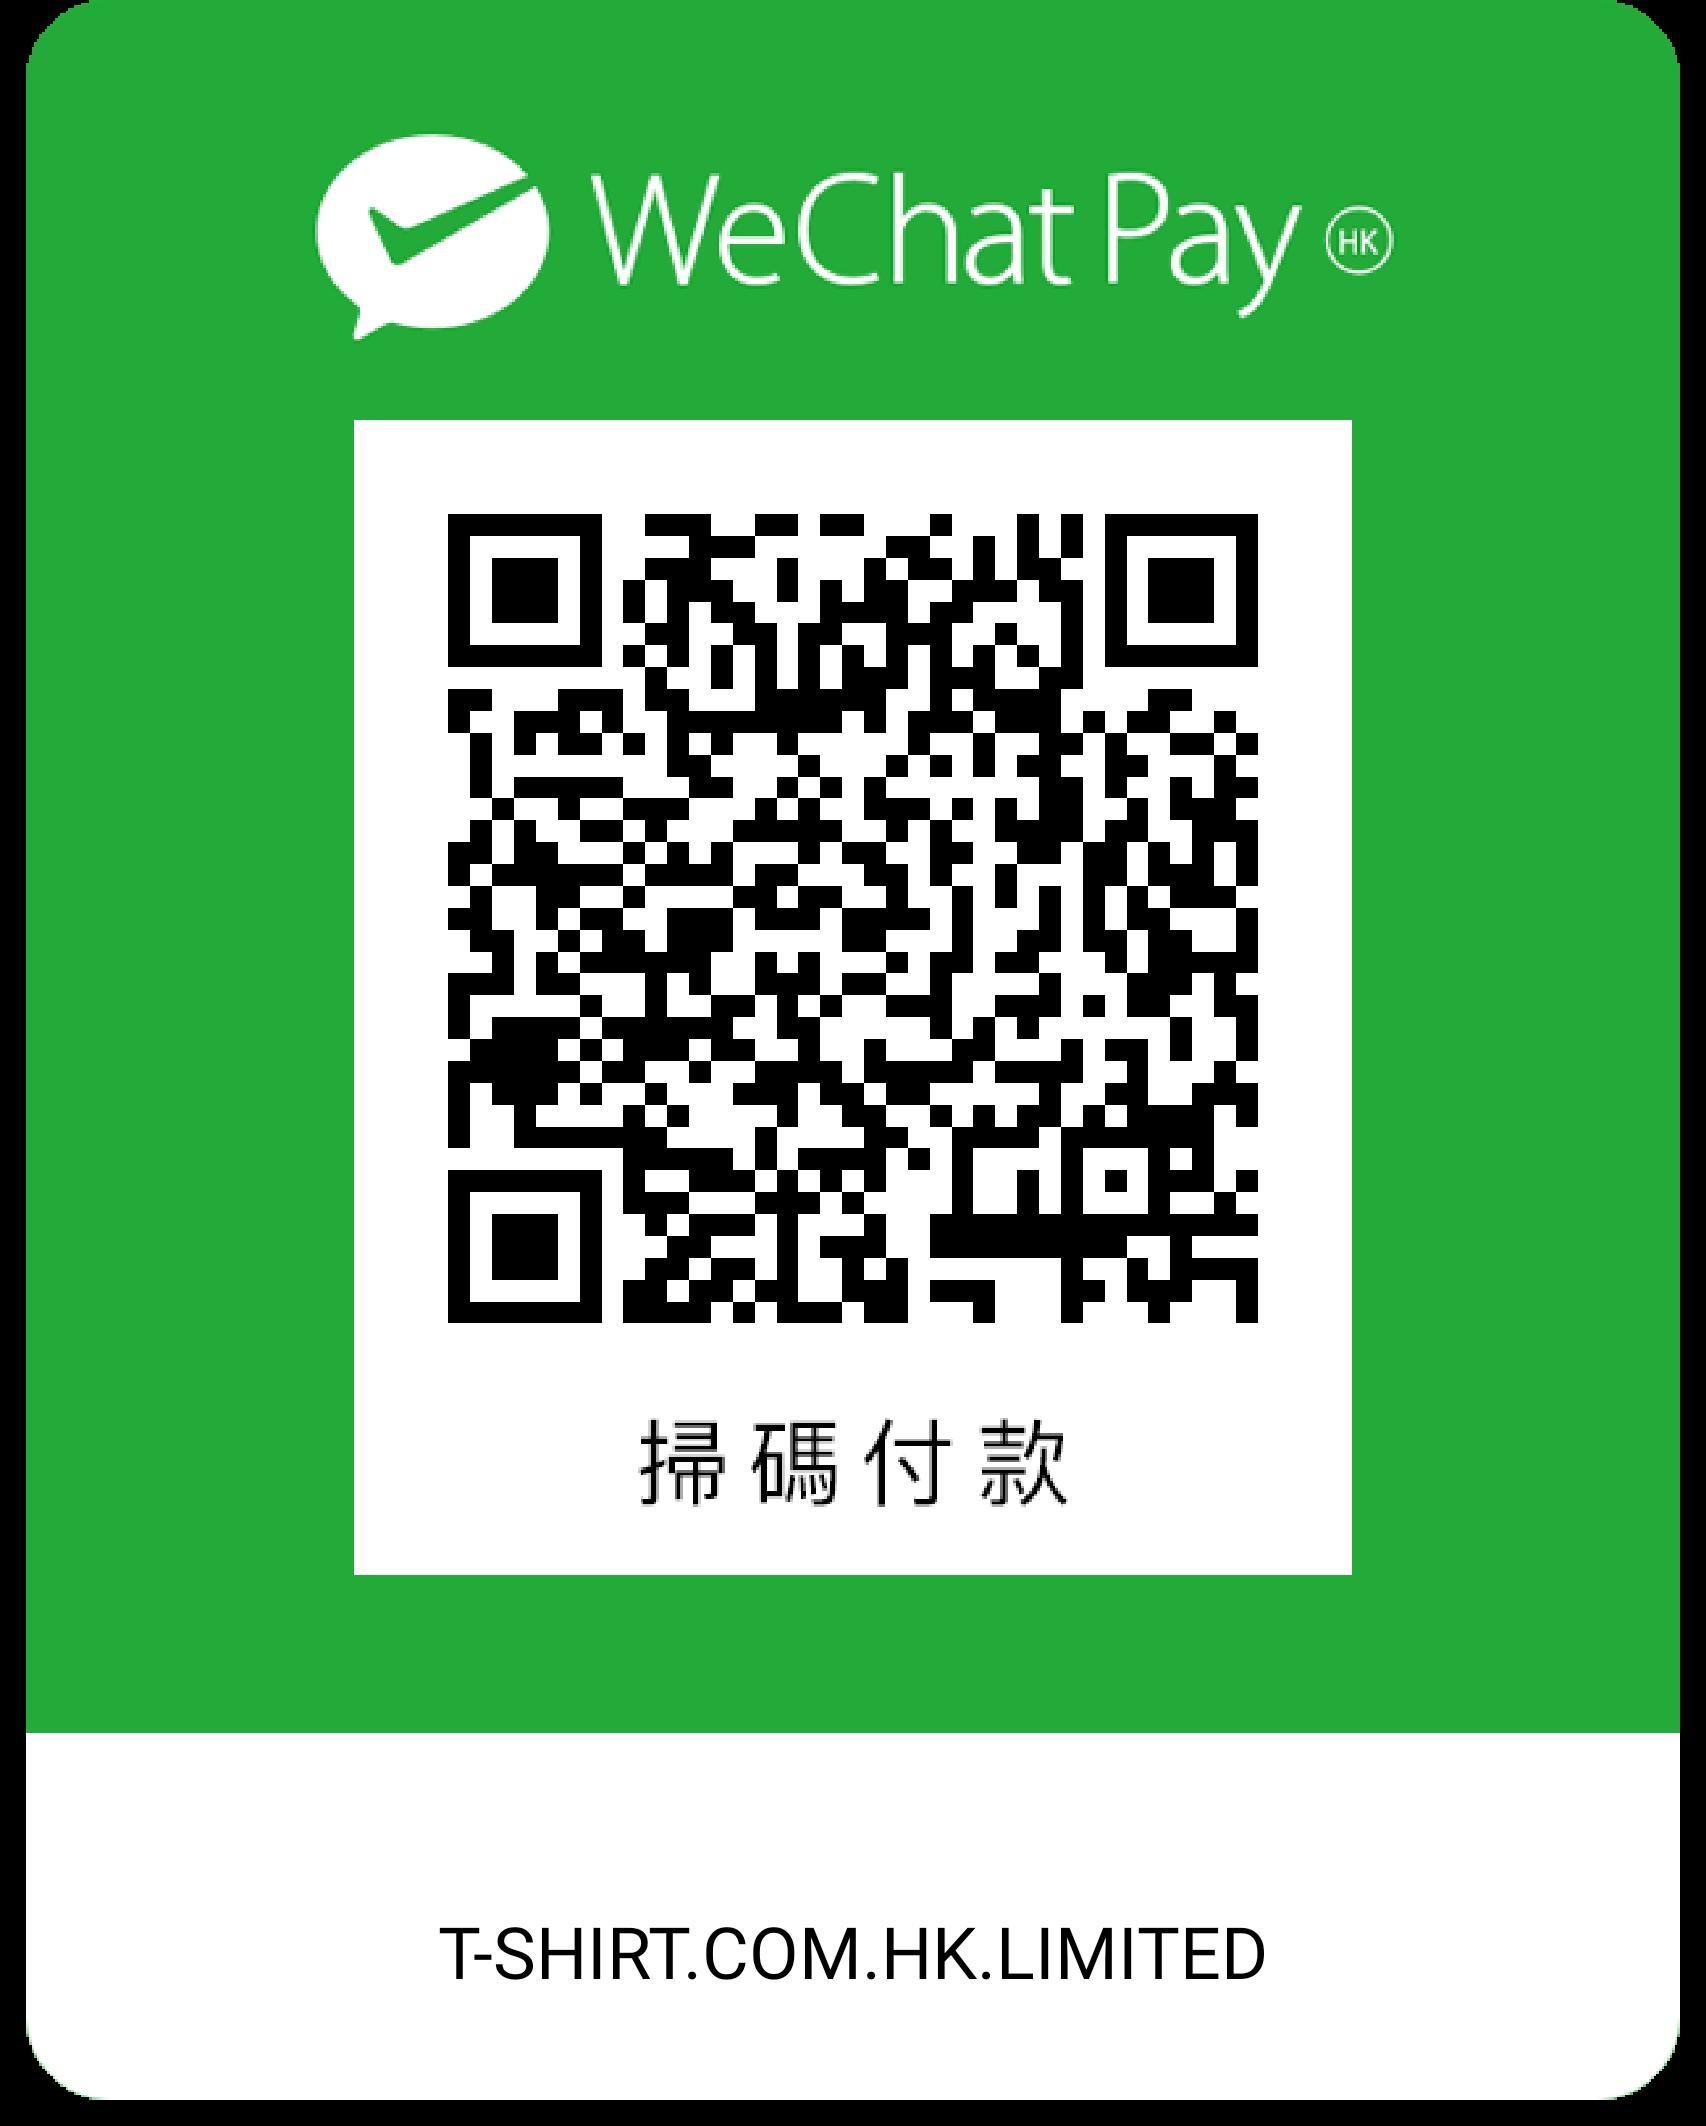 WeChatay 付款方法